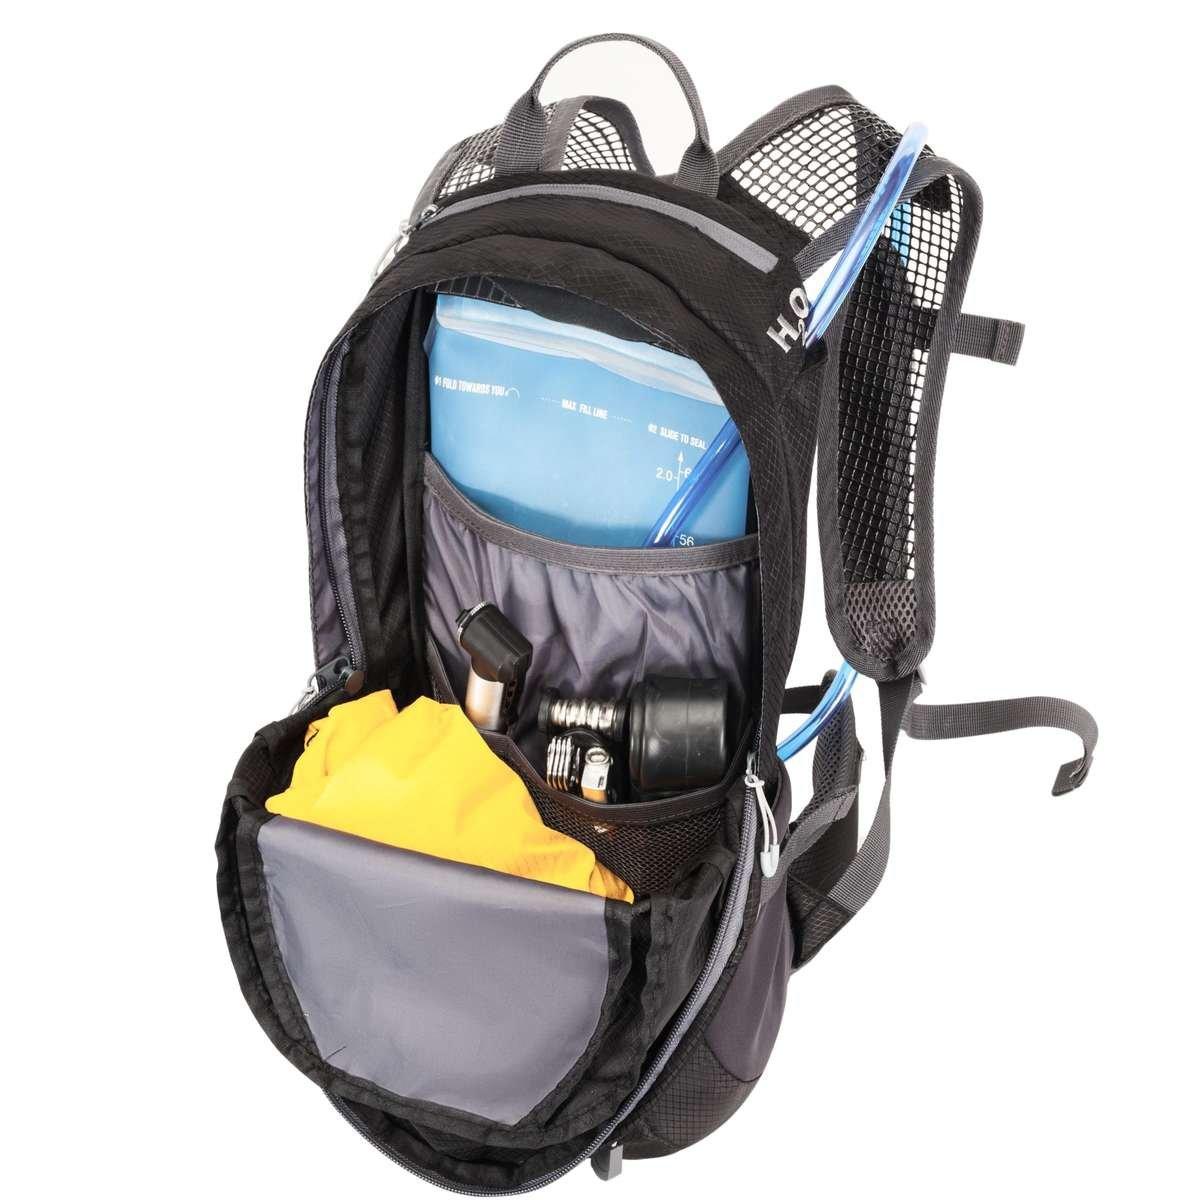 Der Hilo sports Fahrradrucksack Allrounder 14 ist auch für die Mitnahme einer Trinkblase von bis zu 2L geeignet.